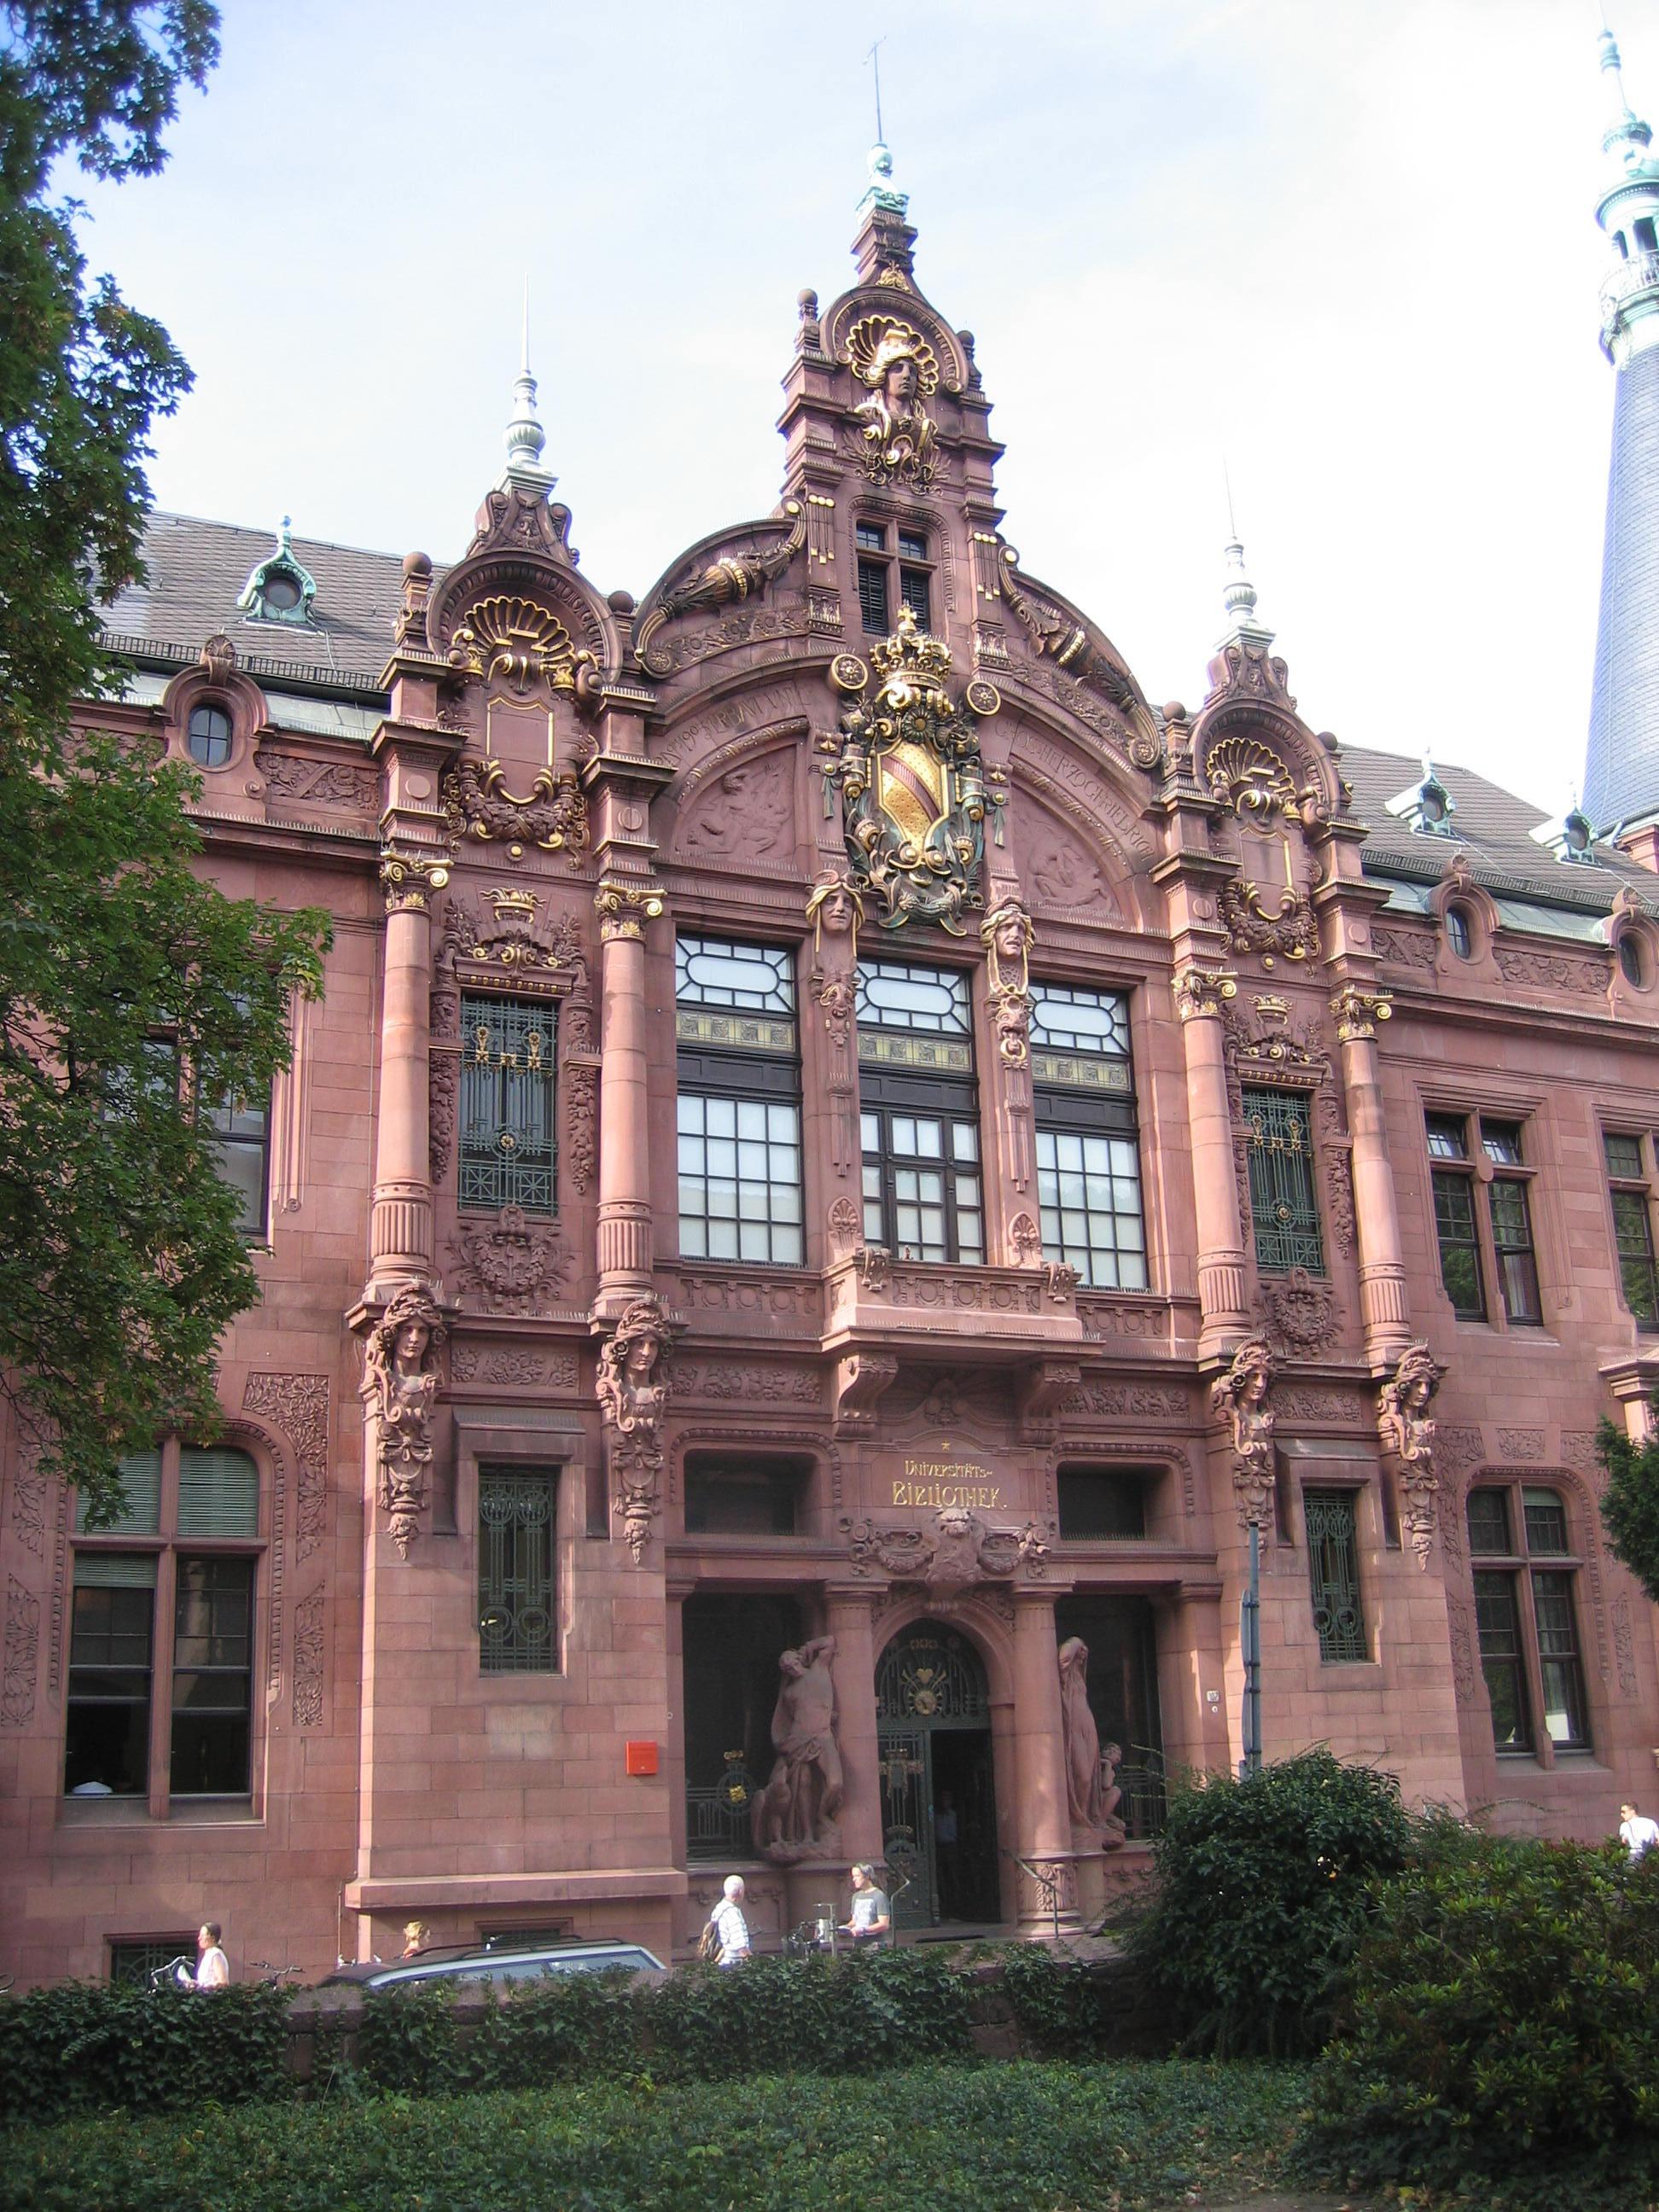 universitätsbibliothek heidelberg handschriftenabteilung